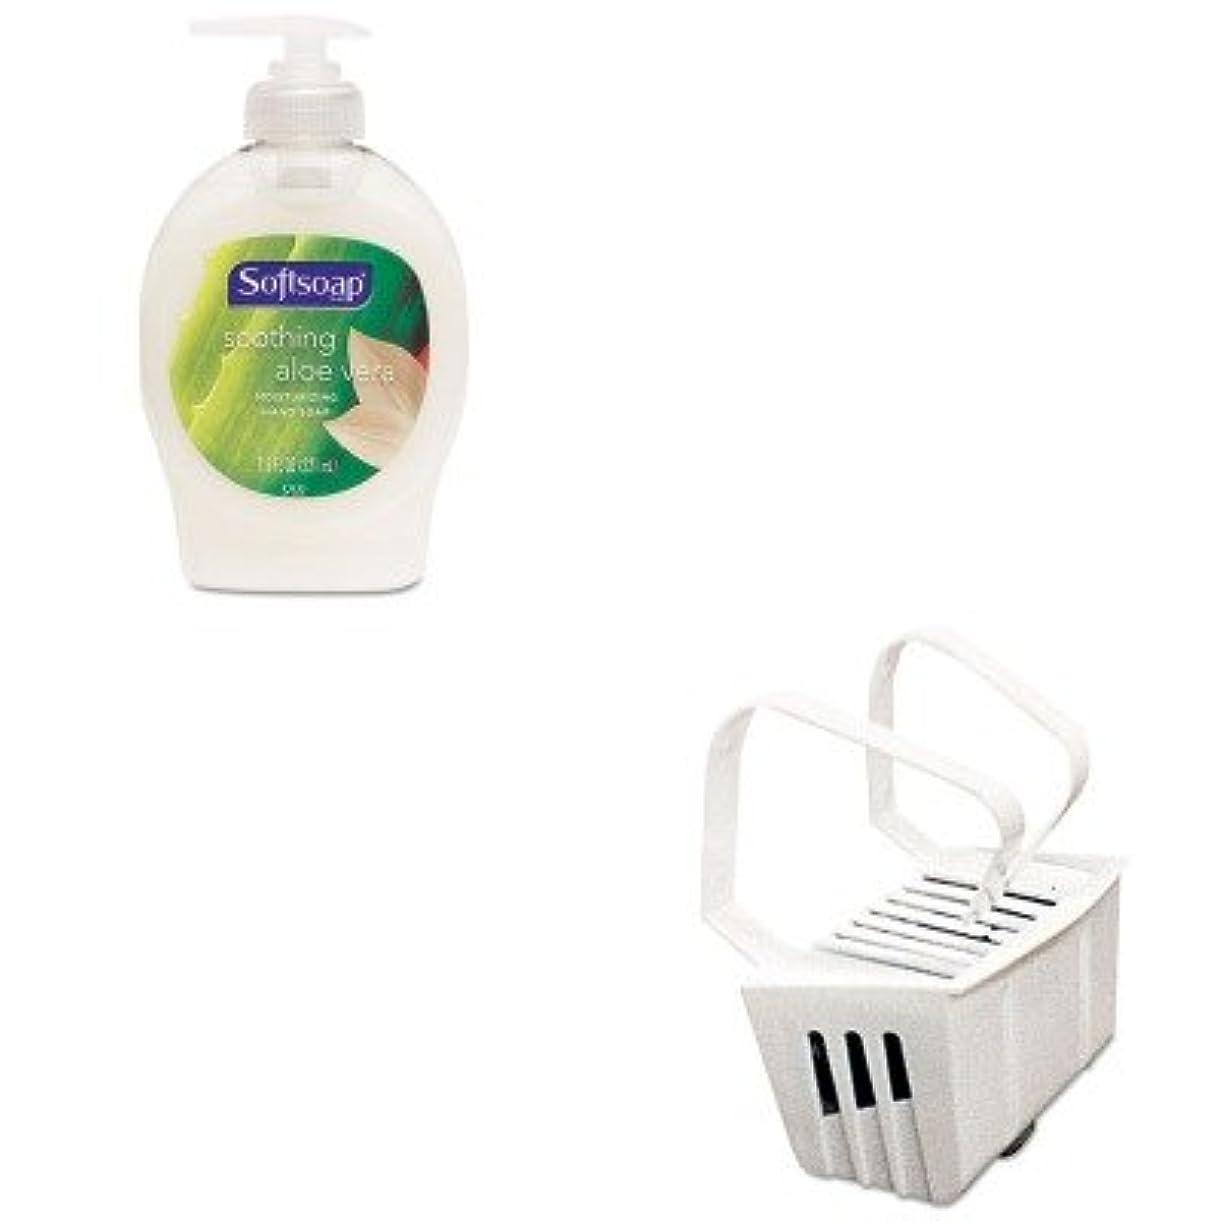 糸ディスク会議kitbgd661cpm26012ea – Valueキット – Non Paraトイレボウルリムハンガー( bgd661 )とSoftsoap Moisturizing Hand Soap w /アロエ( cpm26012ea )